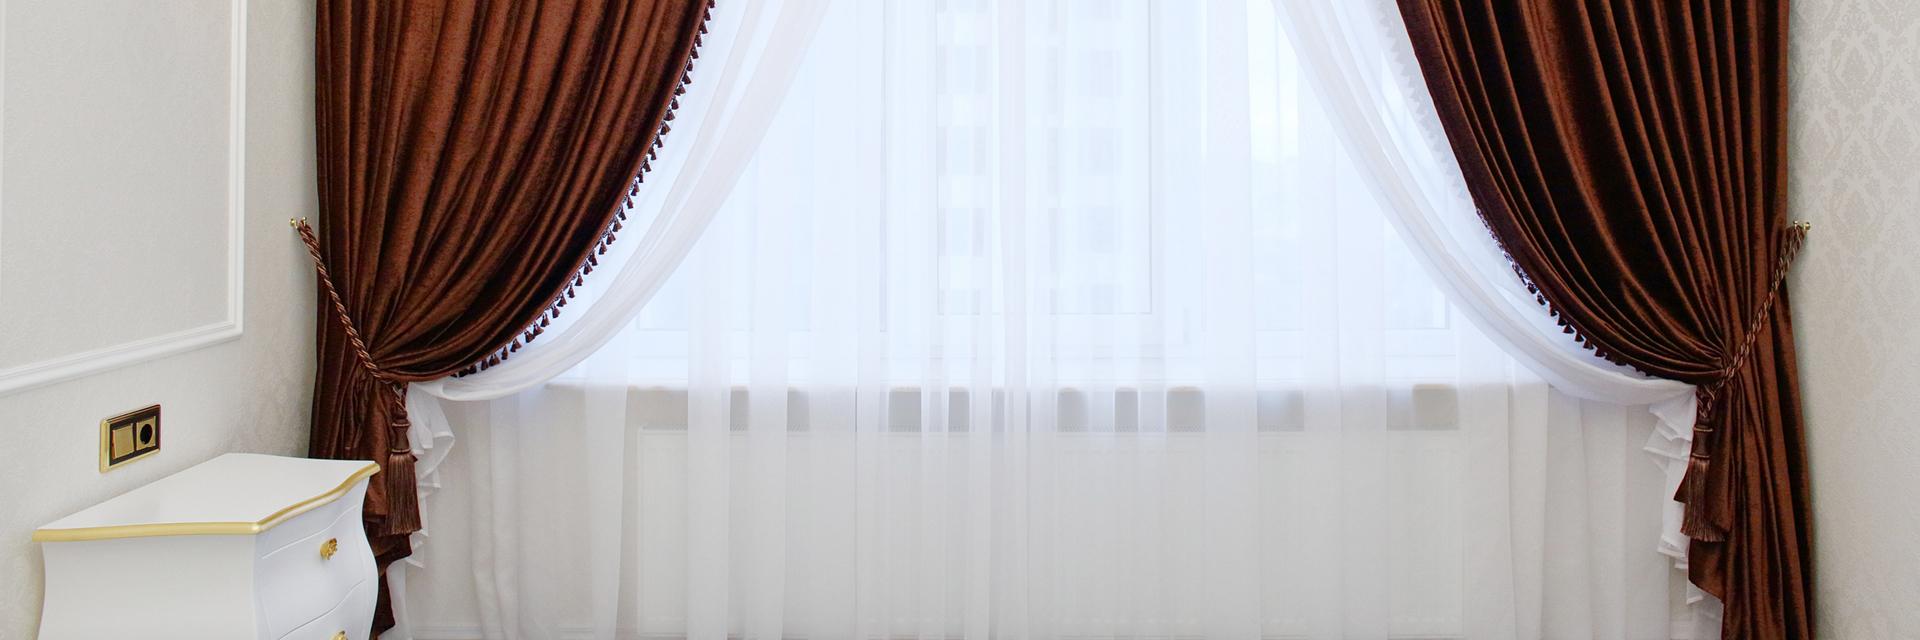 Full Size of Gardinen Wohnzimmer Katalog Tischlampe Wandtattoo Teppich Wandbilder Deckenlampen Fototapeten Für Die Küche Hängeleuchte Landhausstil Sofa Kleines Bilder Wohnzimmer Gardinen Wohnzimmer Katalog